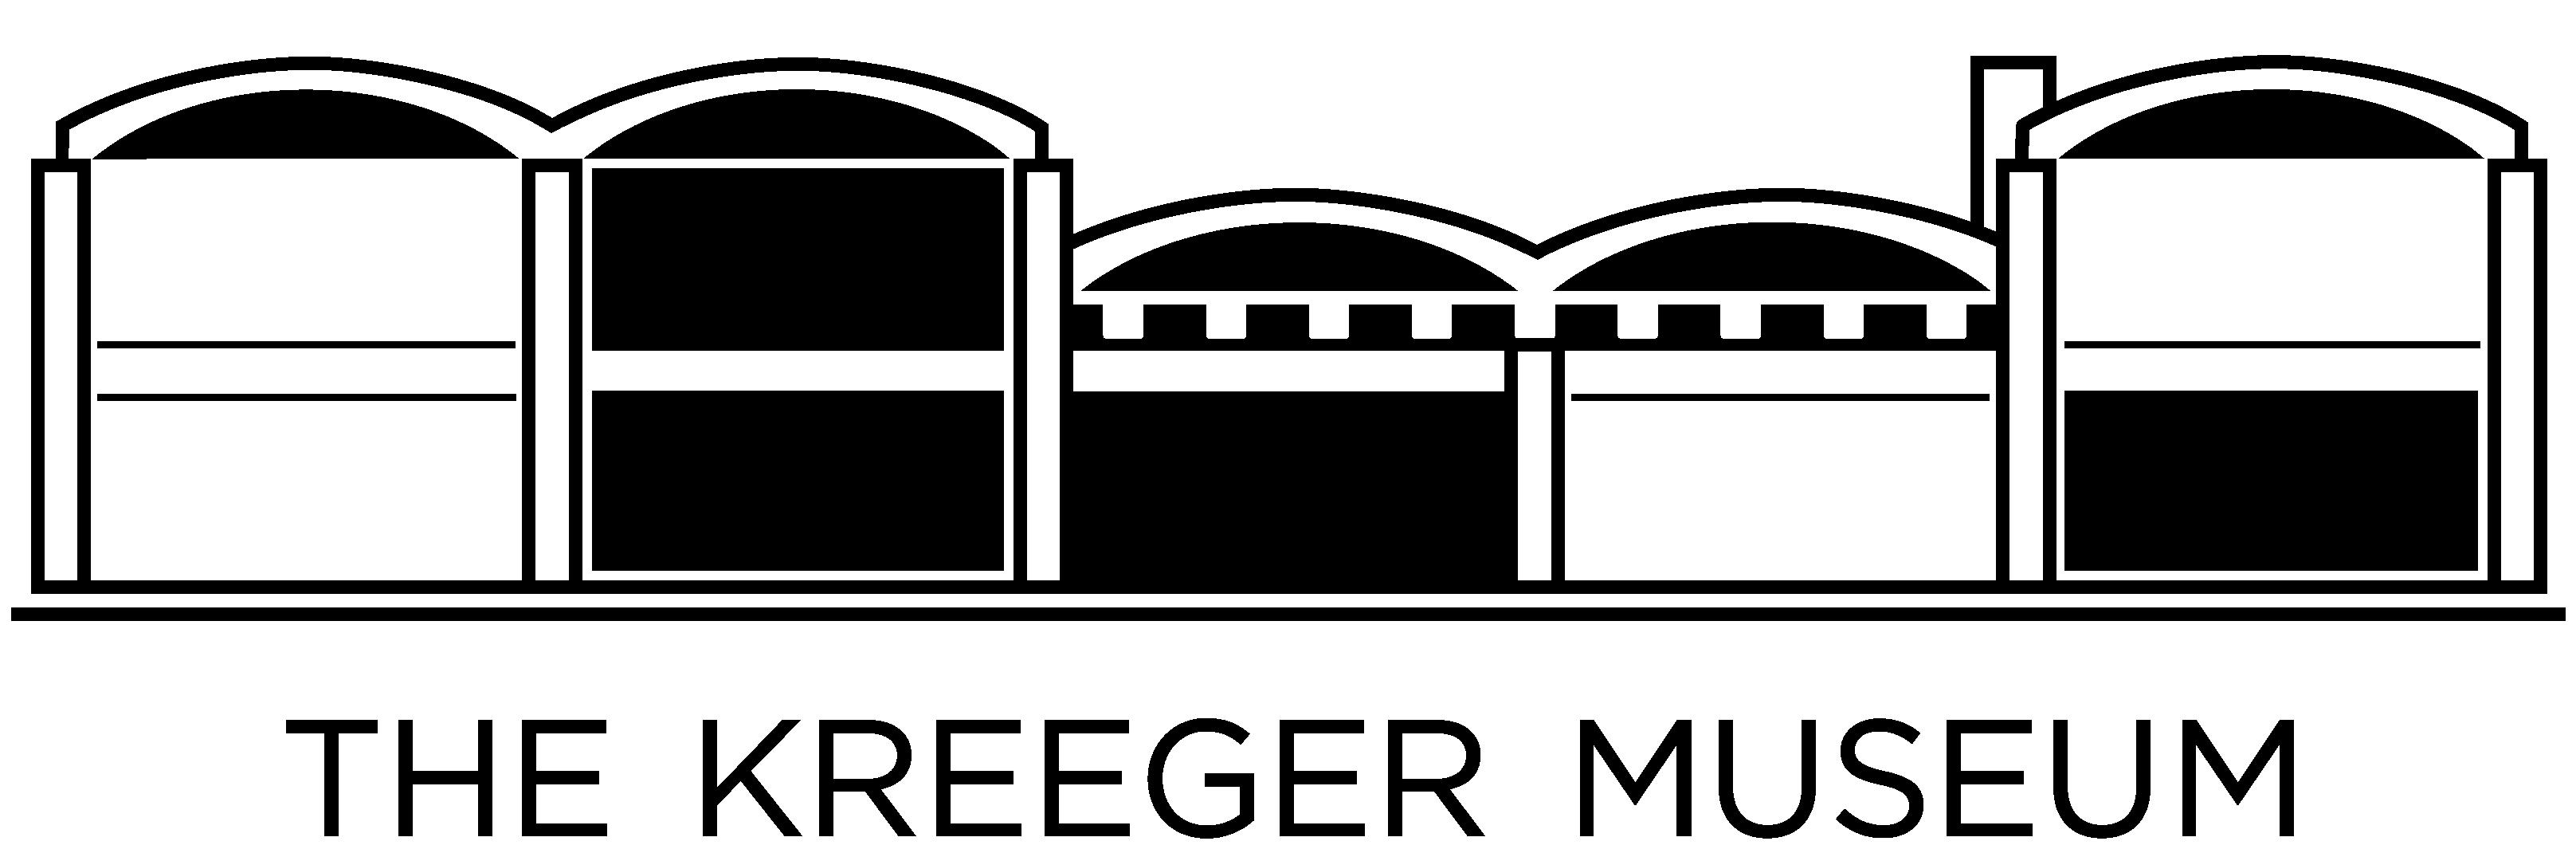 Logo of the Kreeger Museum.